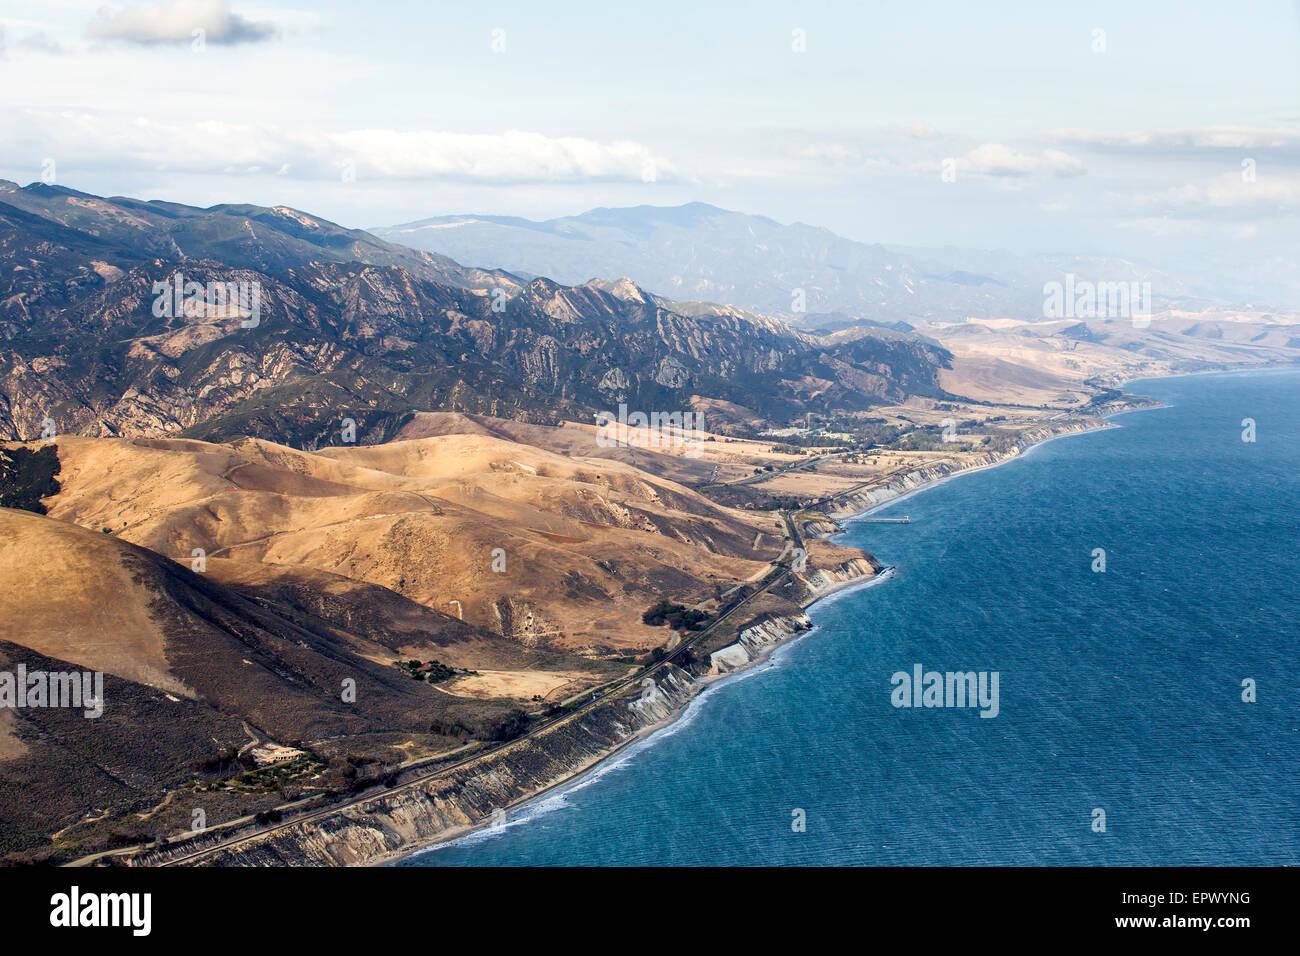 Santa Barbara, California, USA. 21st May, 2015. An aerial view of the Gaviota coast in Santa Barbara County, site - Stock Image